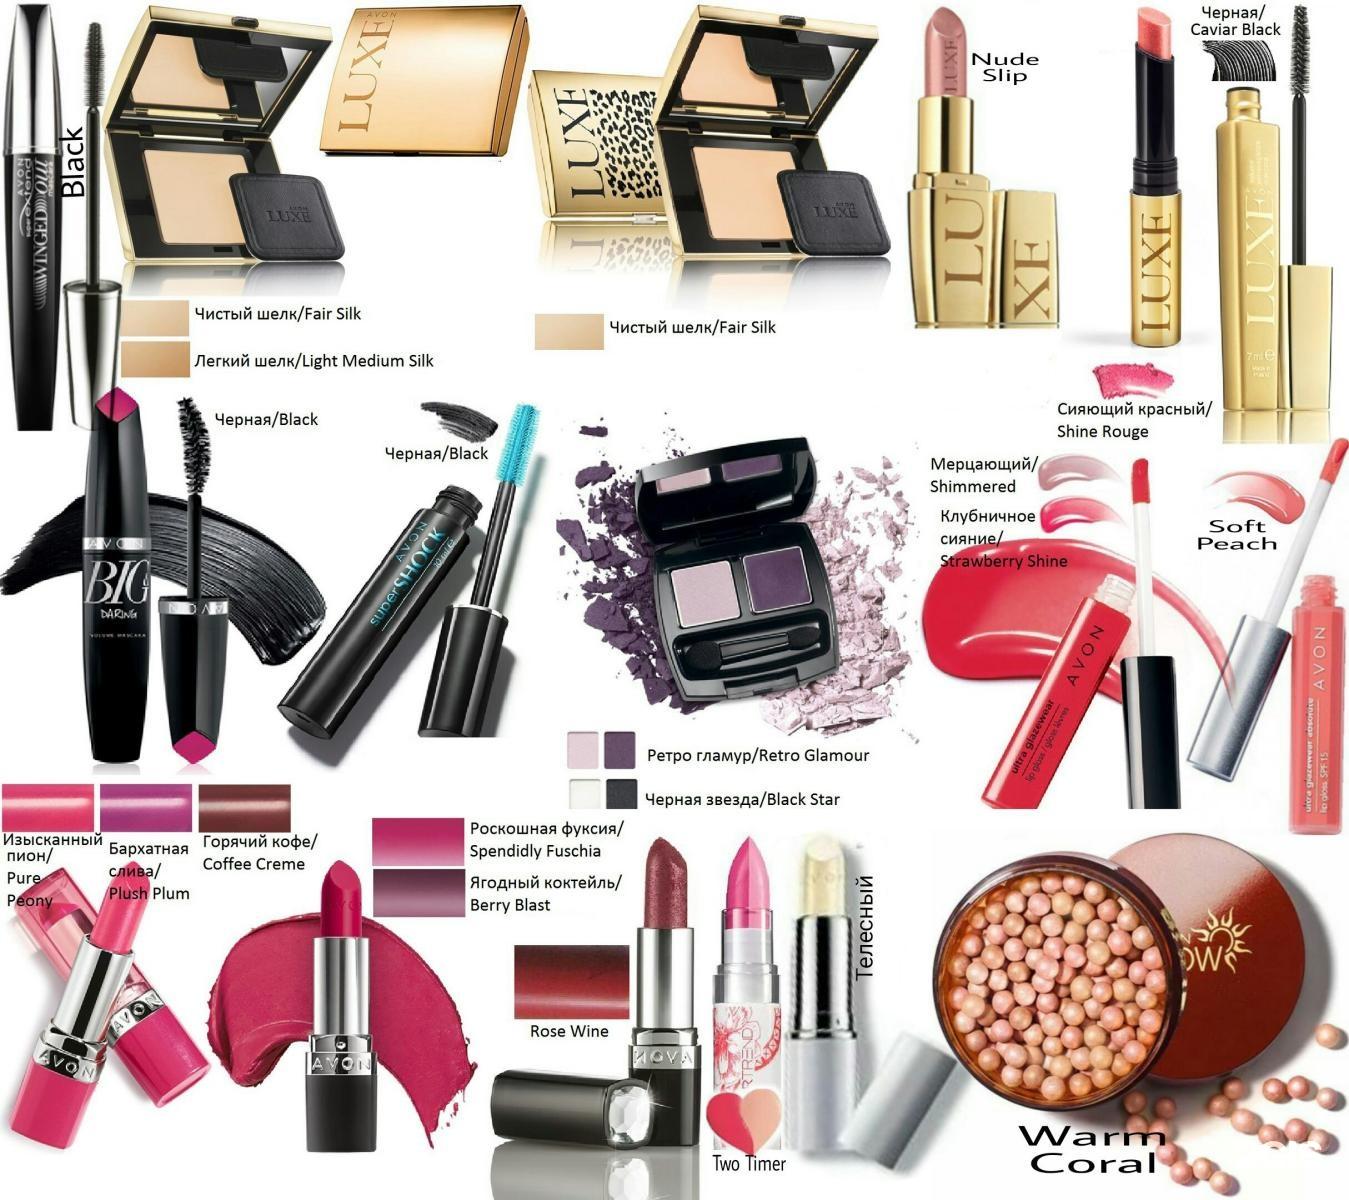 Где можно купить косметику эйвон купить парфюмерию и косметику в интернет магазине